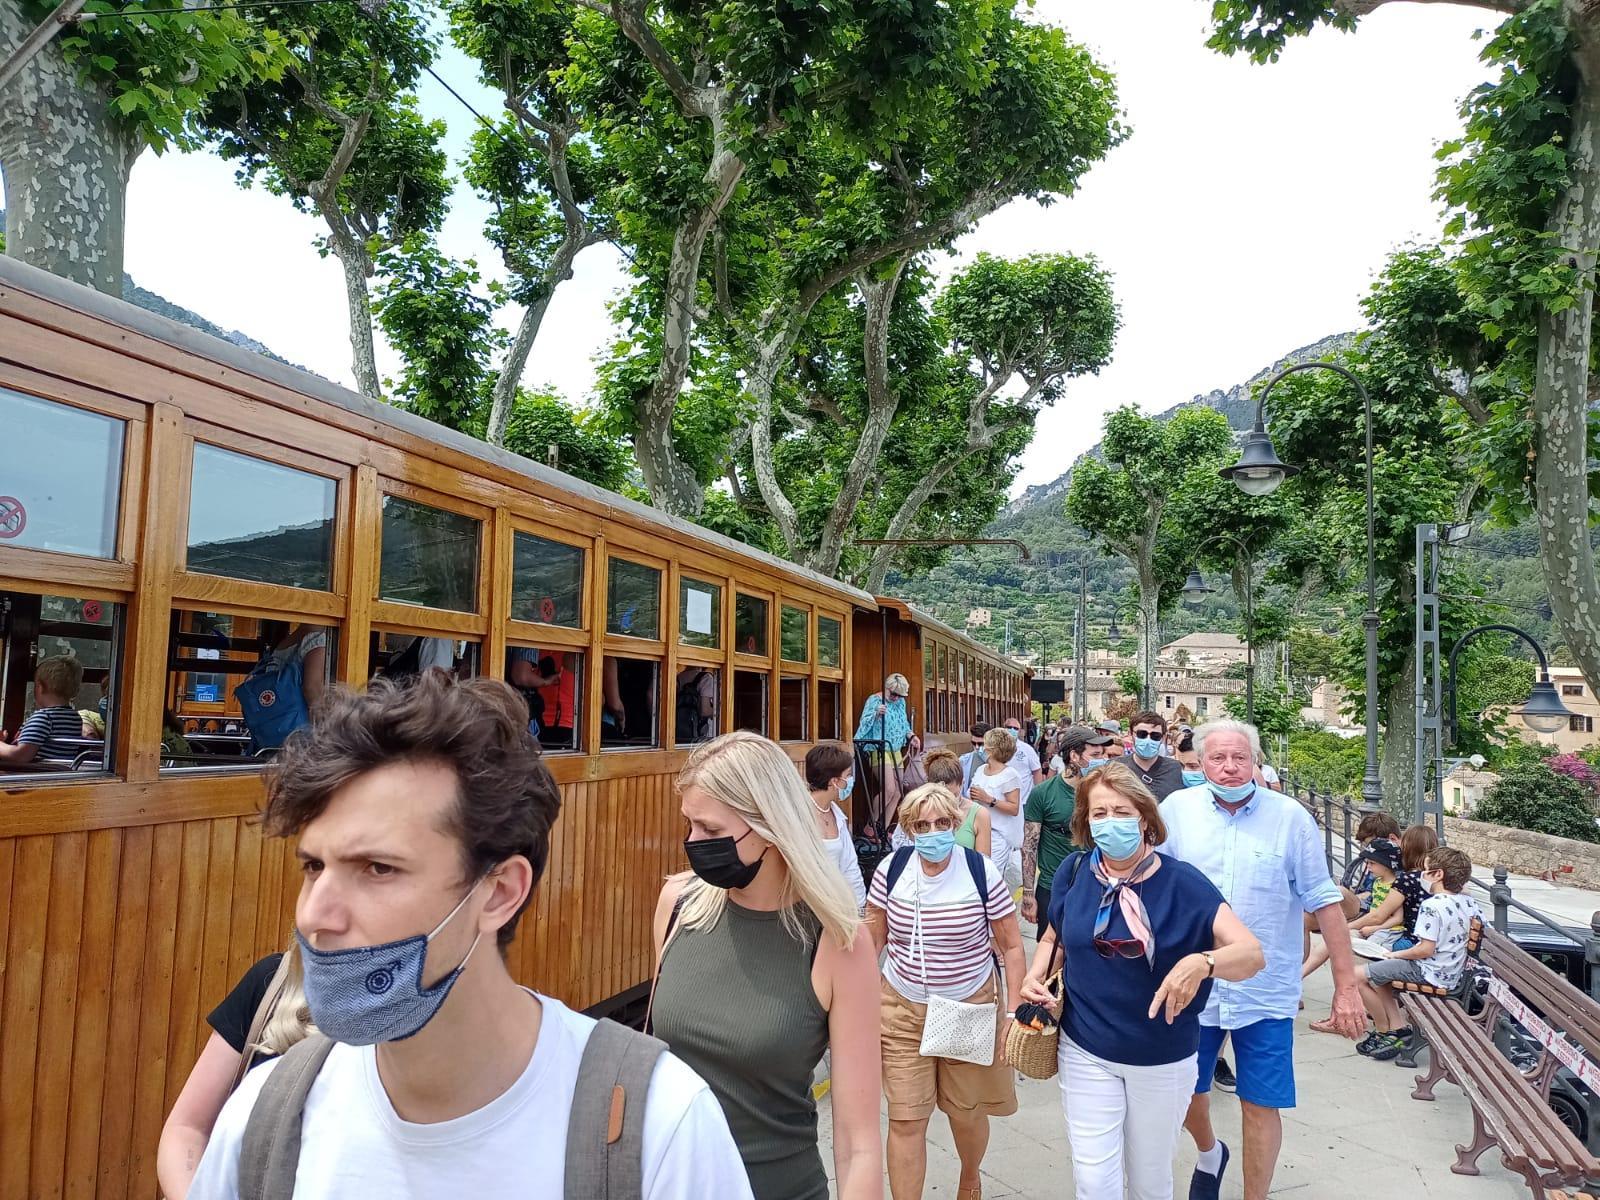 SOLLER . FERROCARRILES. El primer viaje del Tren de Sóller de la temporada registra un lleno absoluto